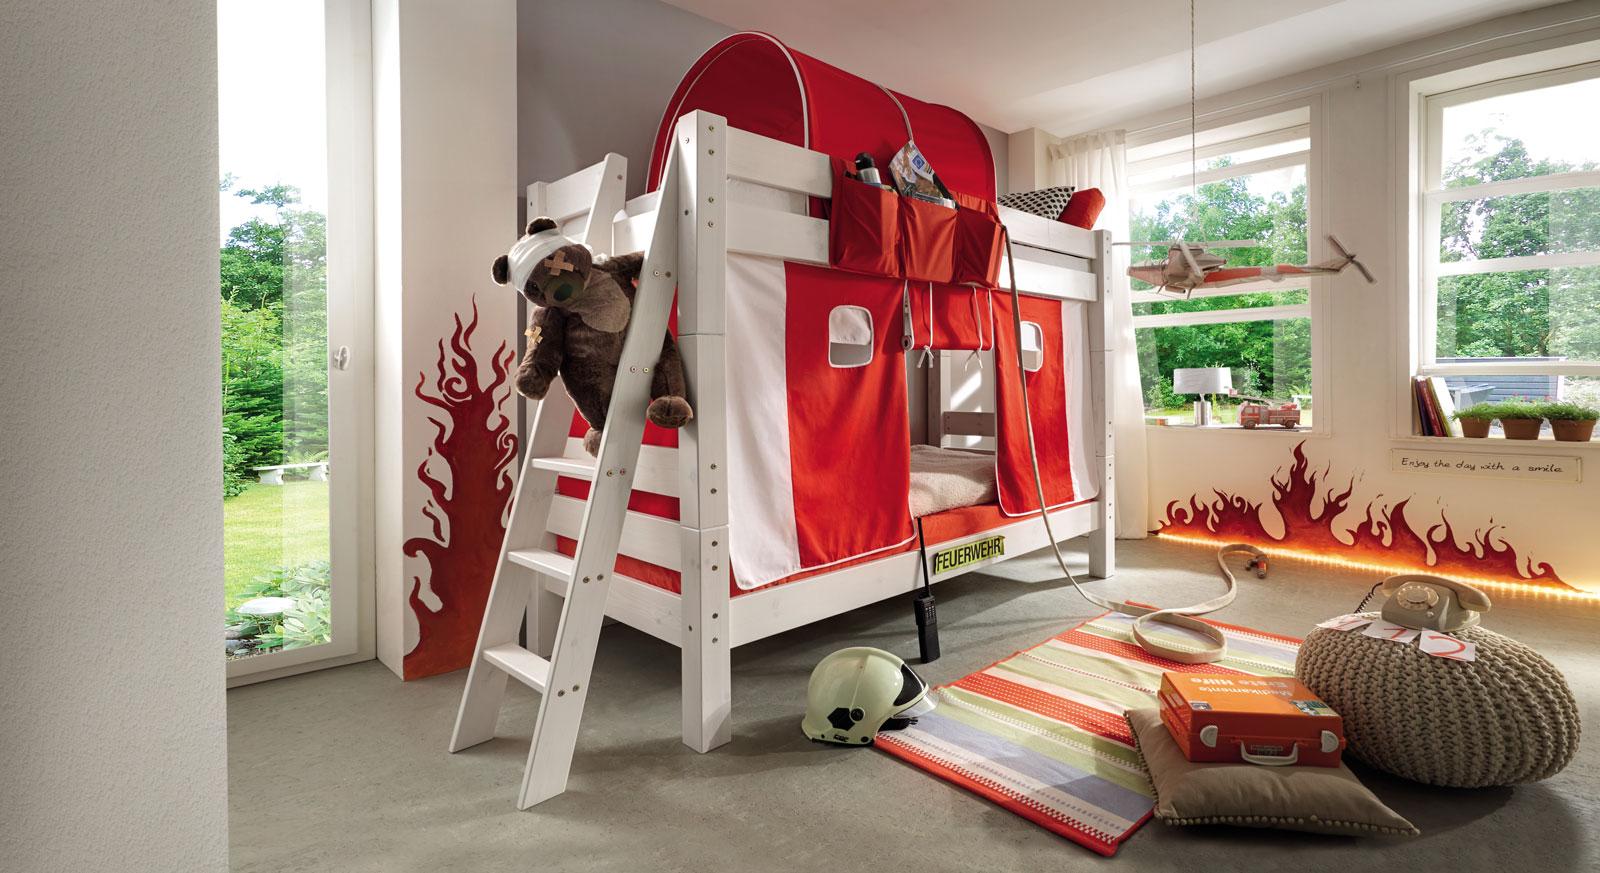 Stabiles Stockbett Kids Dreams mit zwei Schlafplätzen